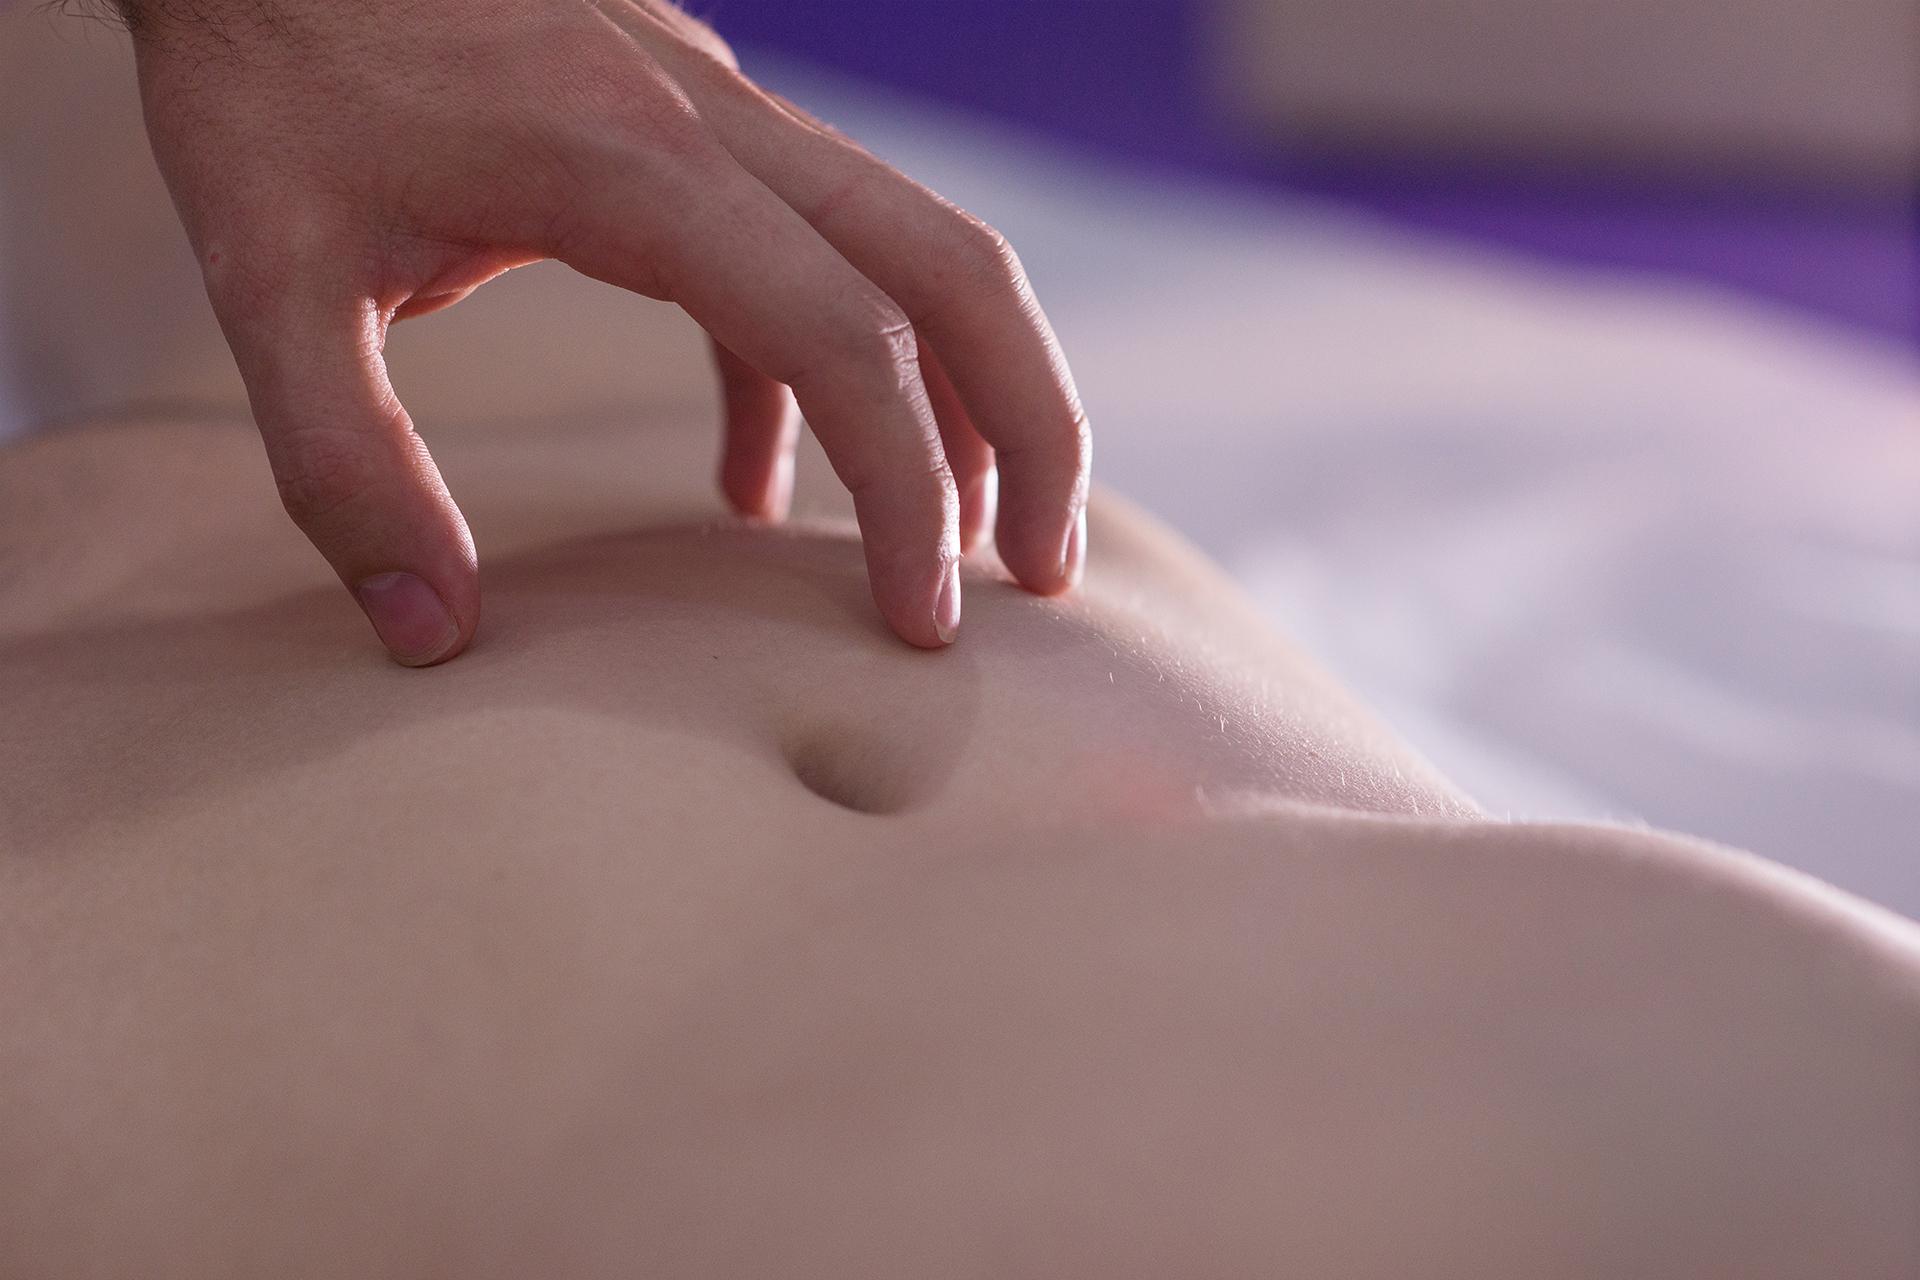 Massagens e exercícios podem mlhorar traumas e bloqueios sexuais